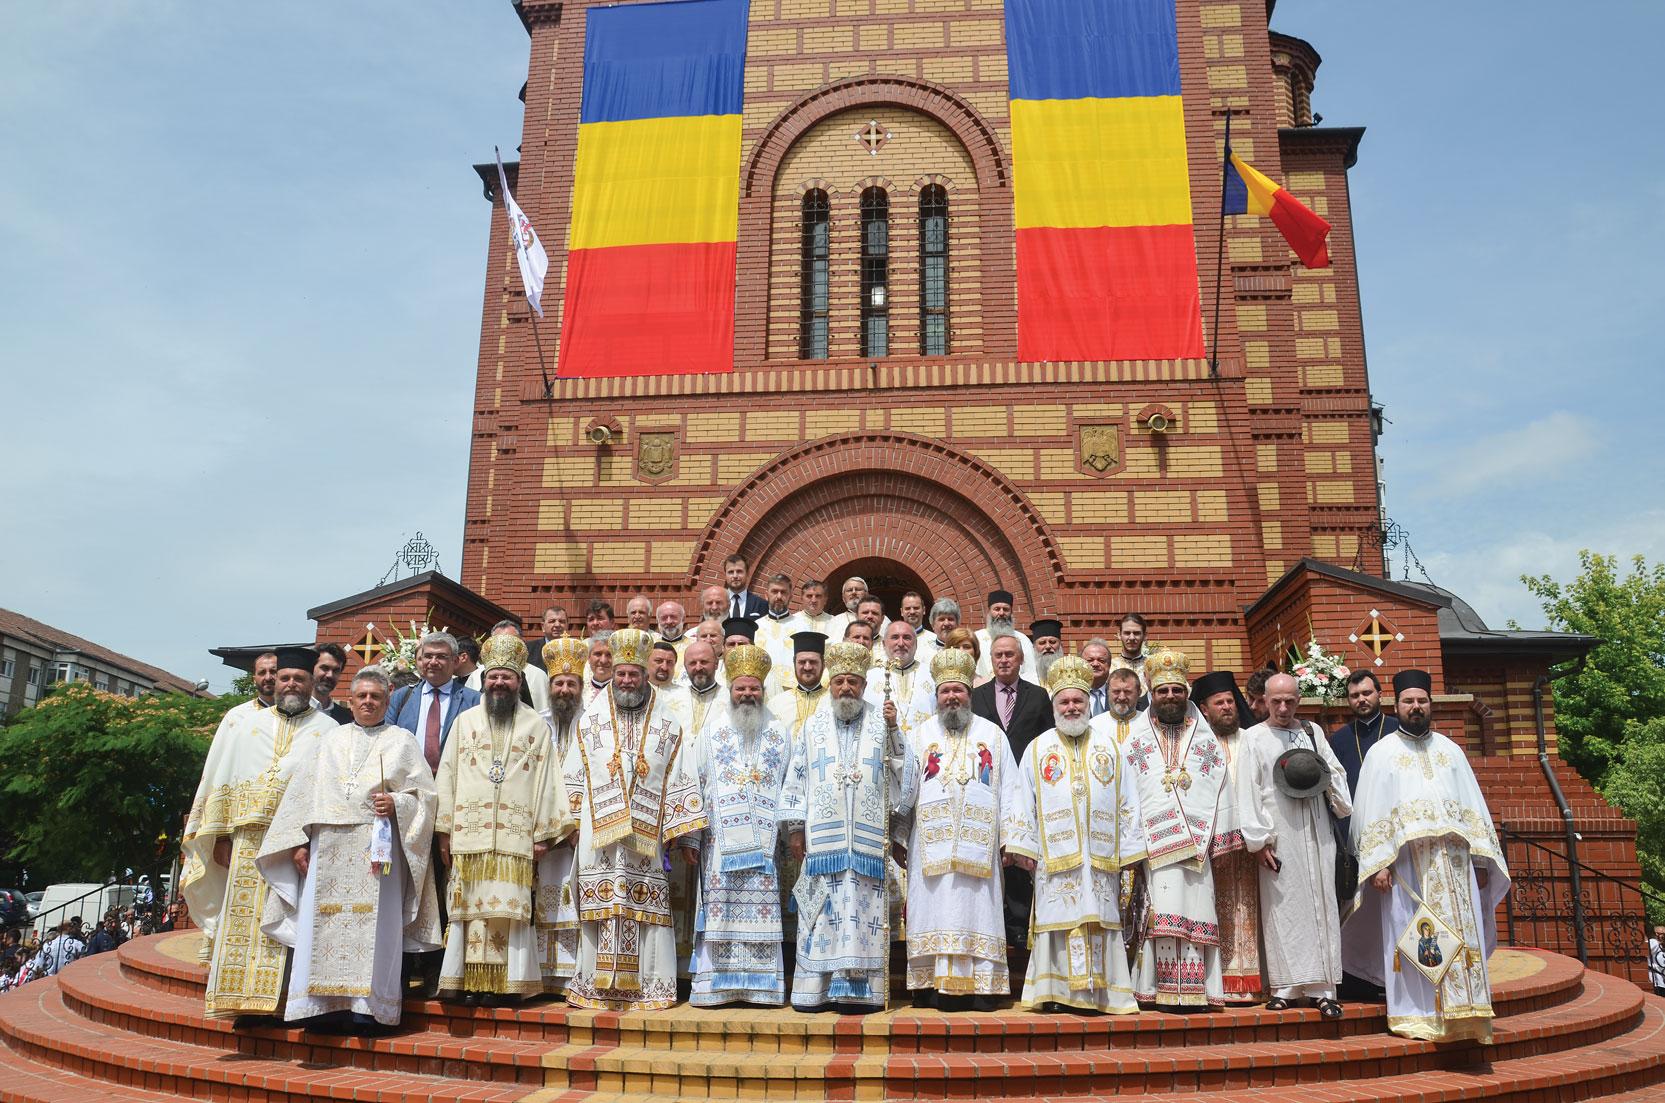 Nouă ierarhi au târnosit un nou locaș de cult în Oradea